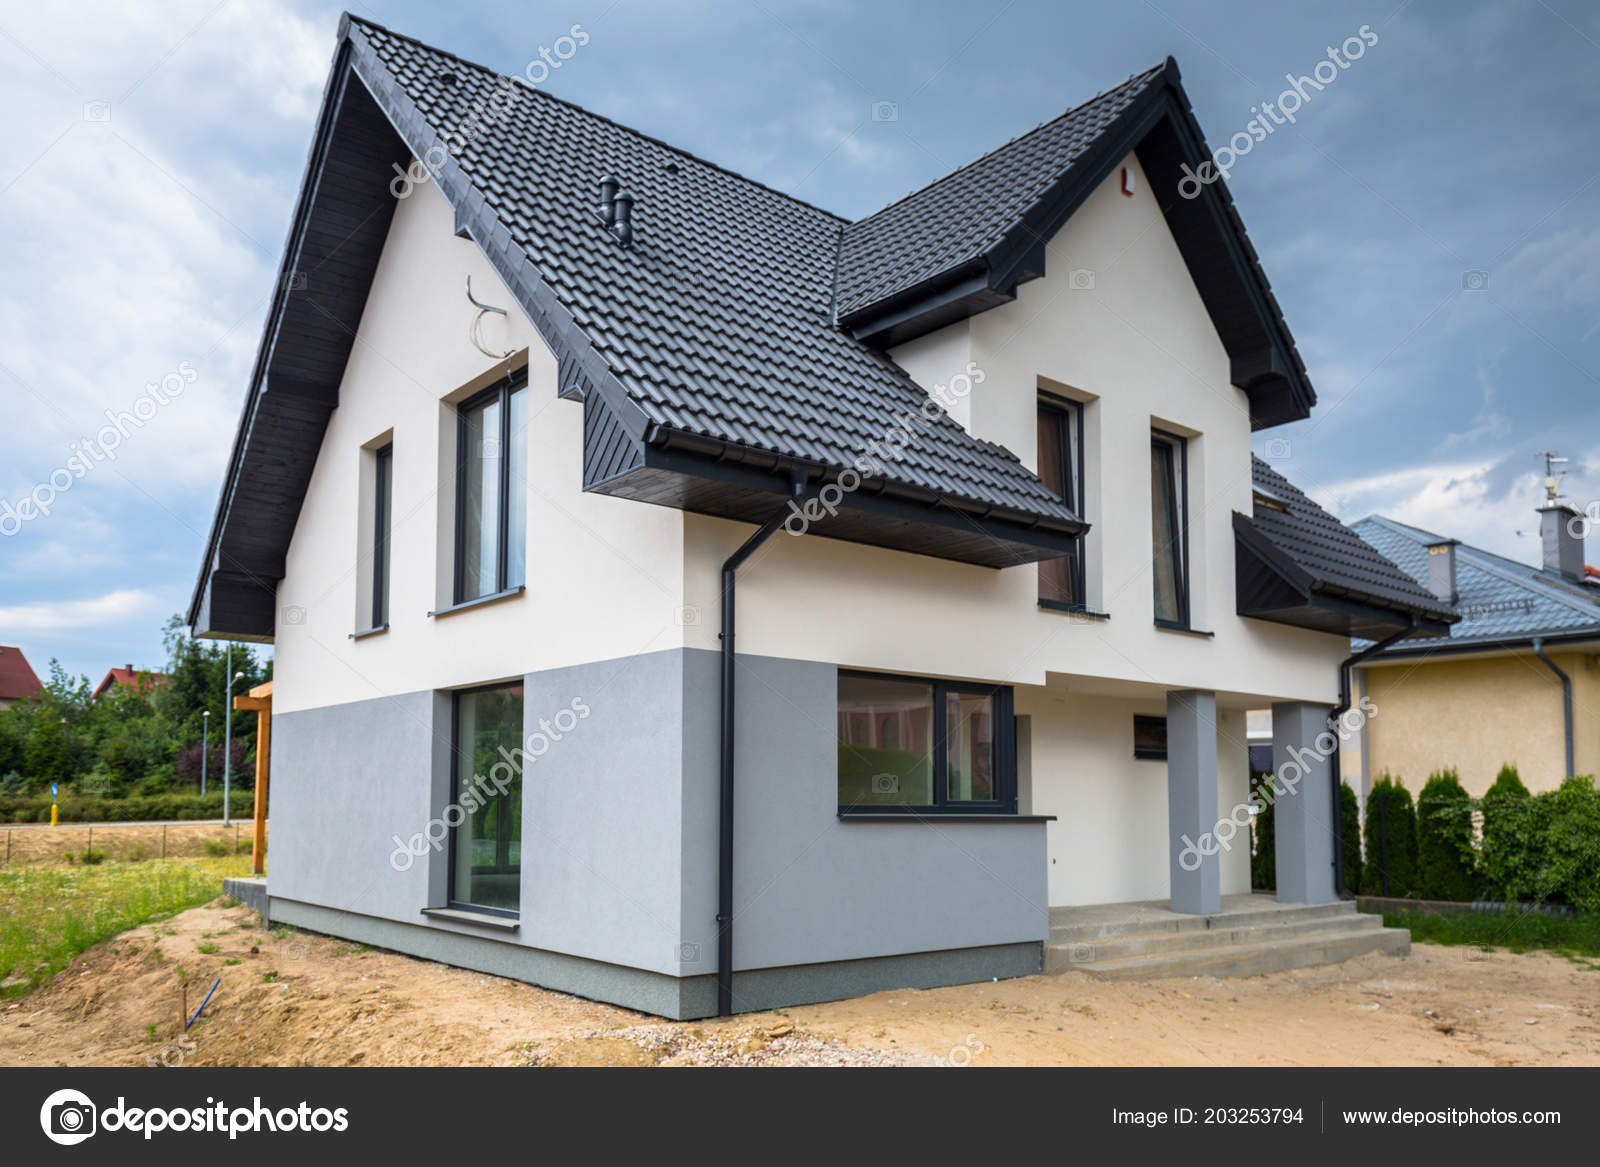 Das Neu Gebaute Haus Mit Einem Fertigen Putz Und Farbe ...